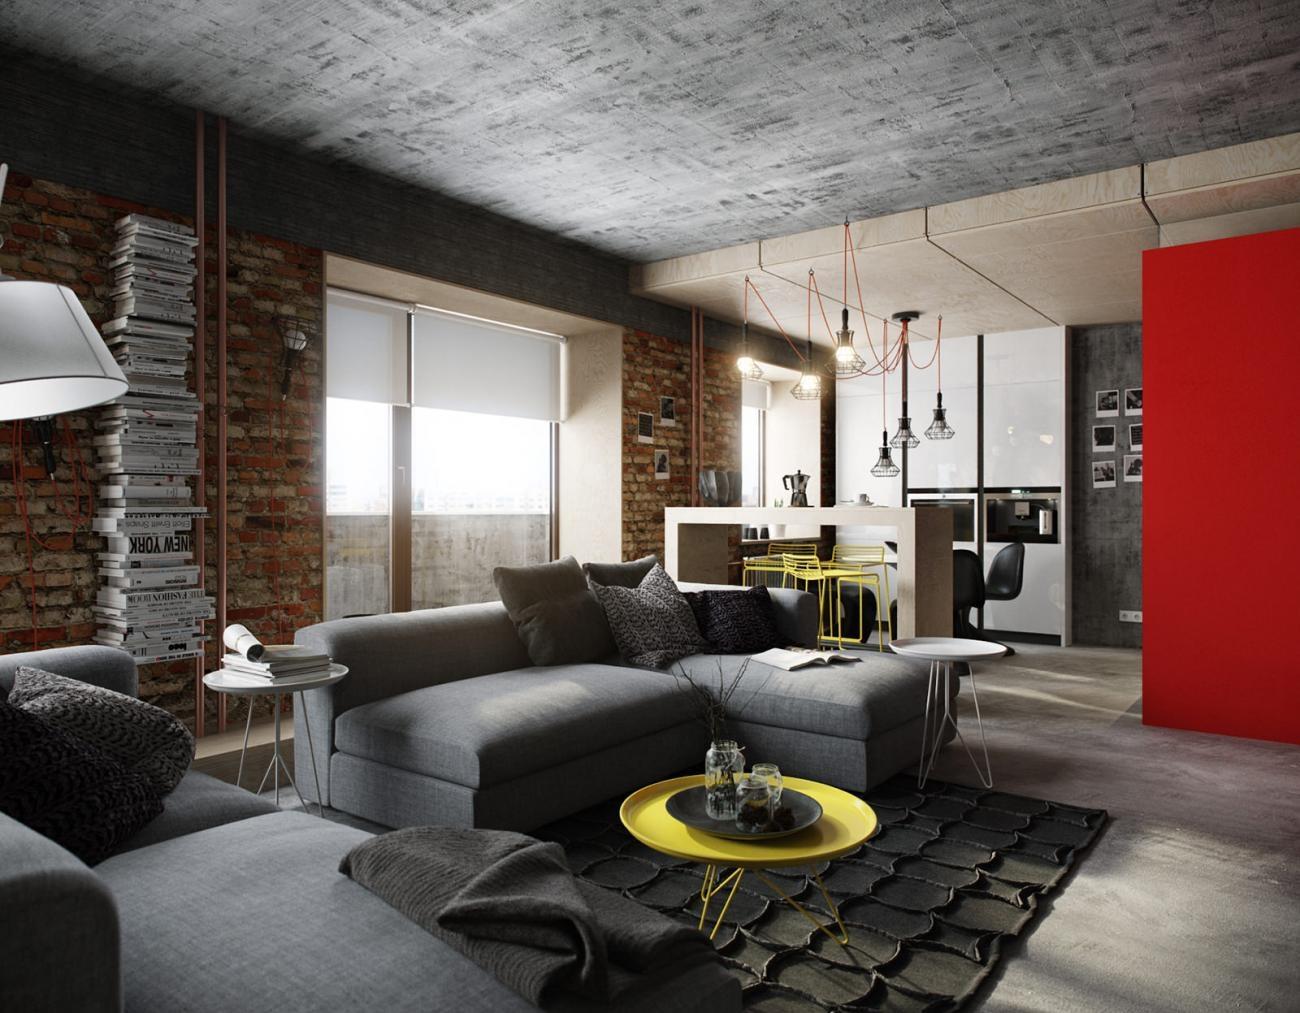 Разработка дизайна интерьера комнаты фото f_0795a34516cc1252.jpg